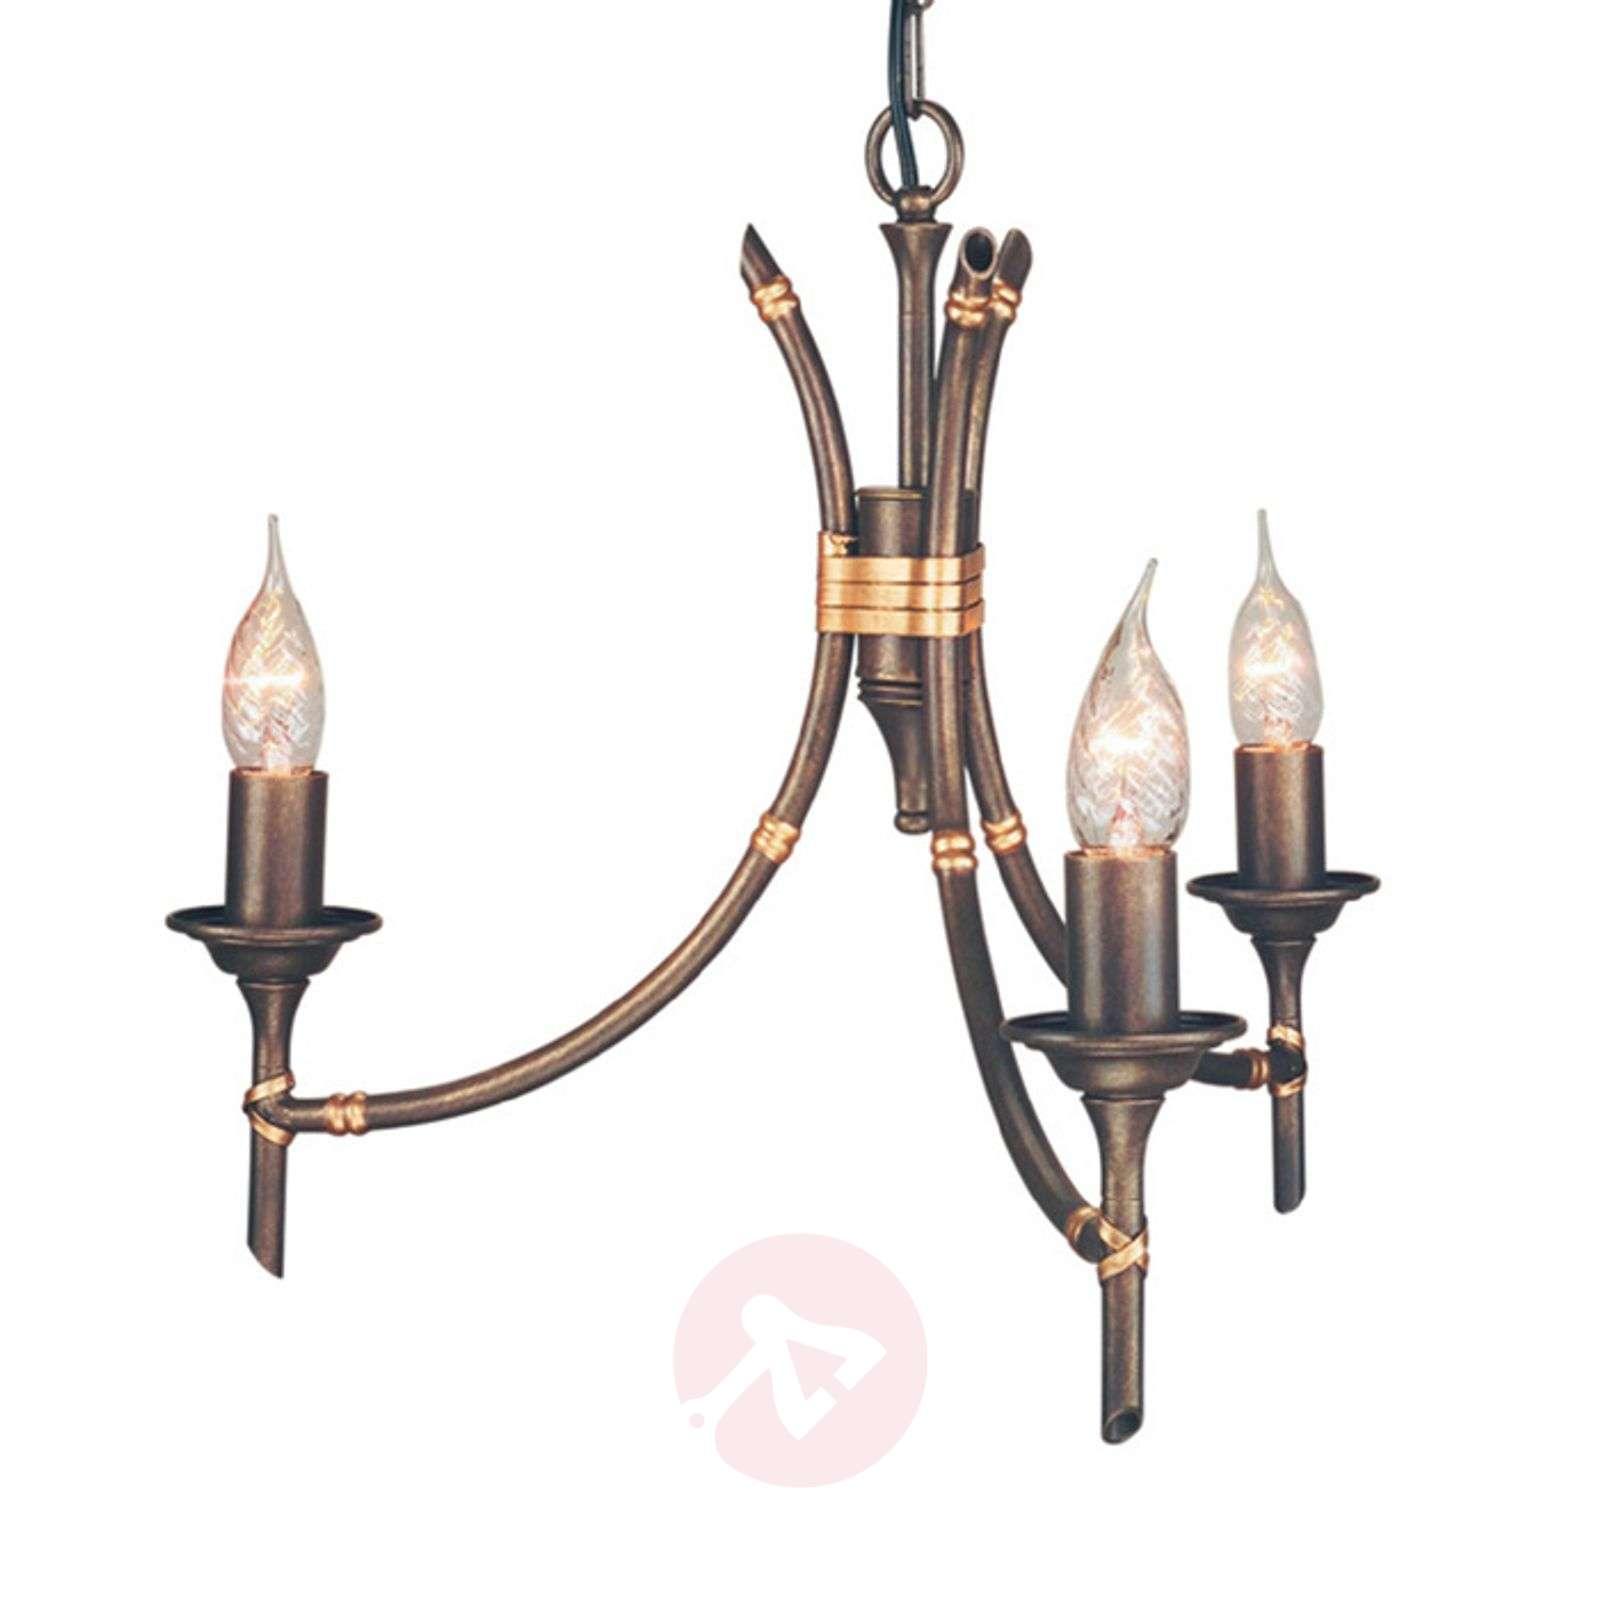 BAMBOO-riippuvalaisin, pronssi, 3 lamppua-3048031-01